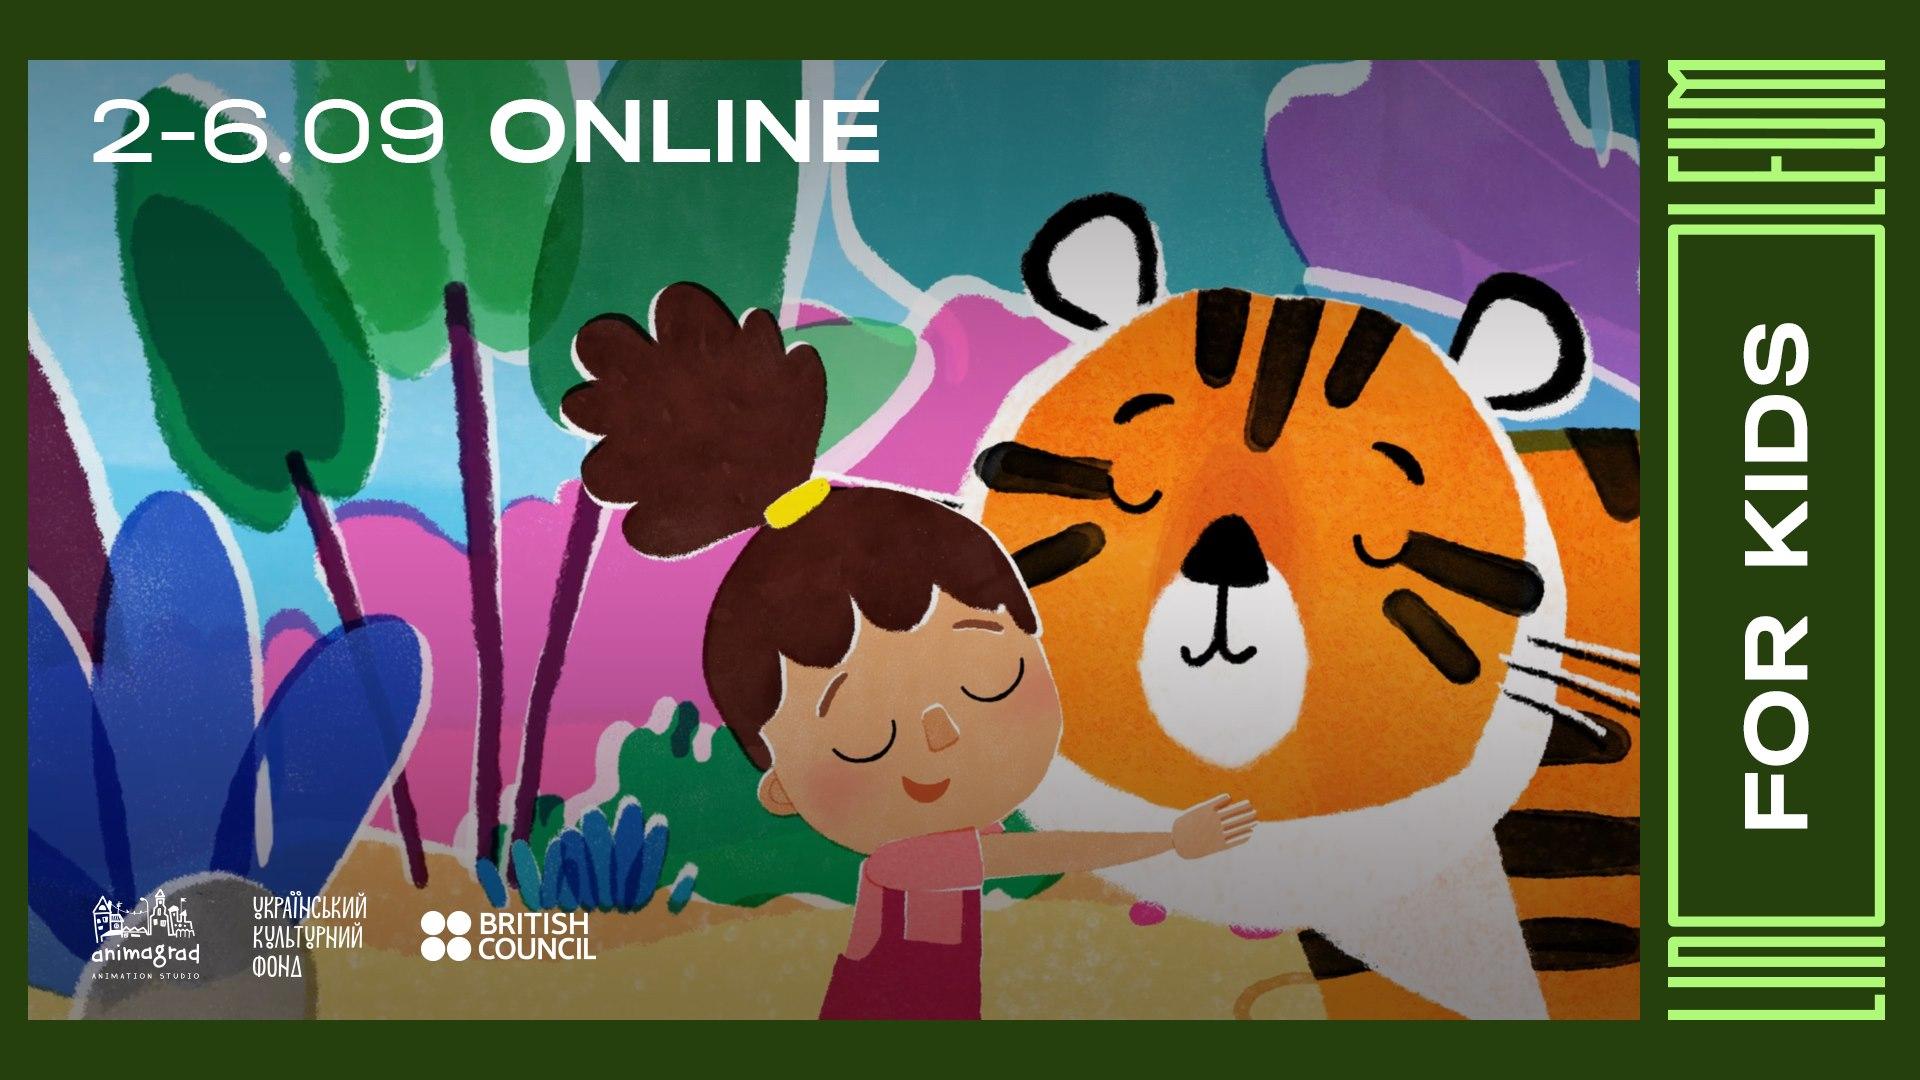 Фестиваль анімації LINOLEUM та British Council оголошують дитячу програму